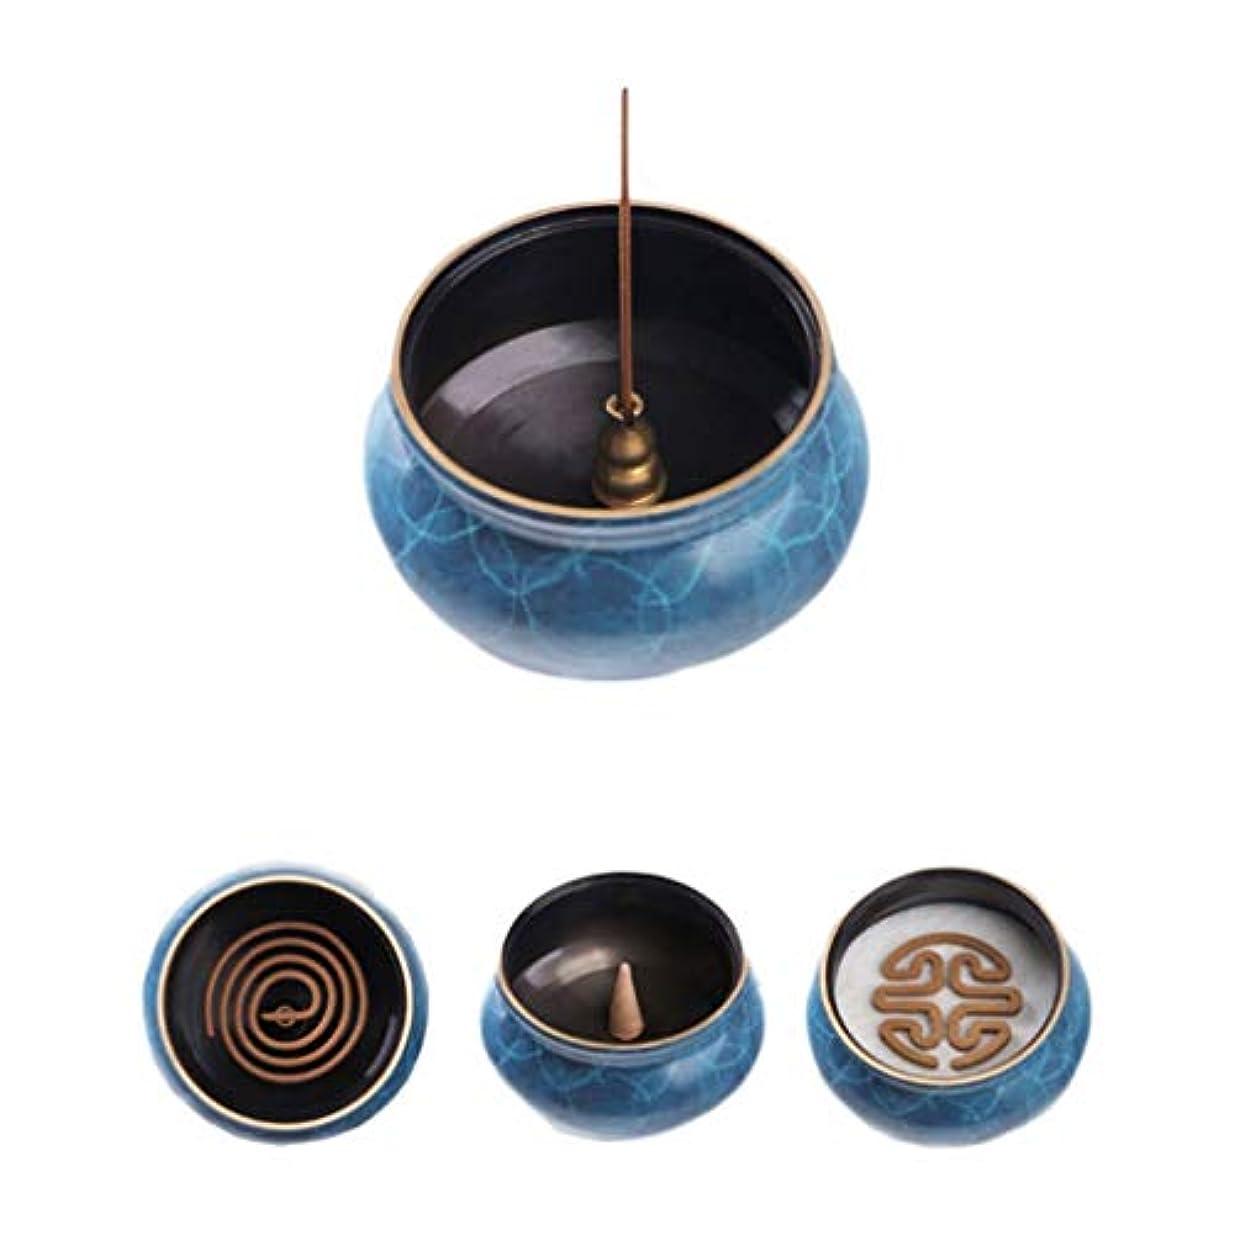 該当するフィード液化するホームアロマバーナー 純粋な銅香炉ホームアンティーク白檀用仏寒天香炉香り装飾アロマセラピー炉 アロマバーナー (Color : Blue copper)